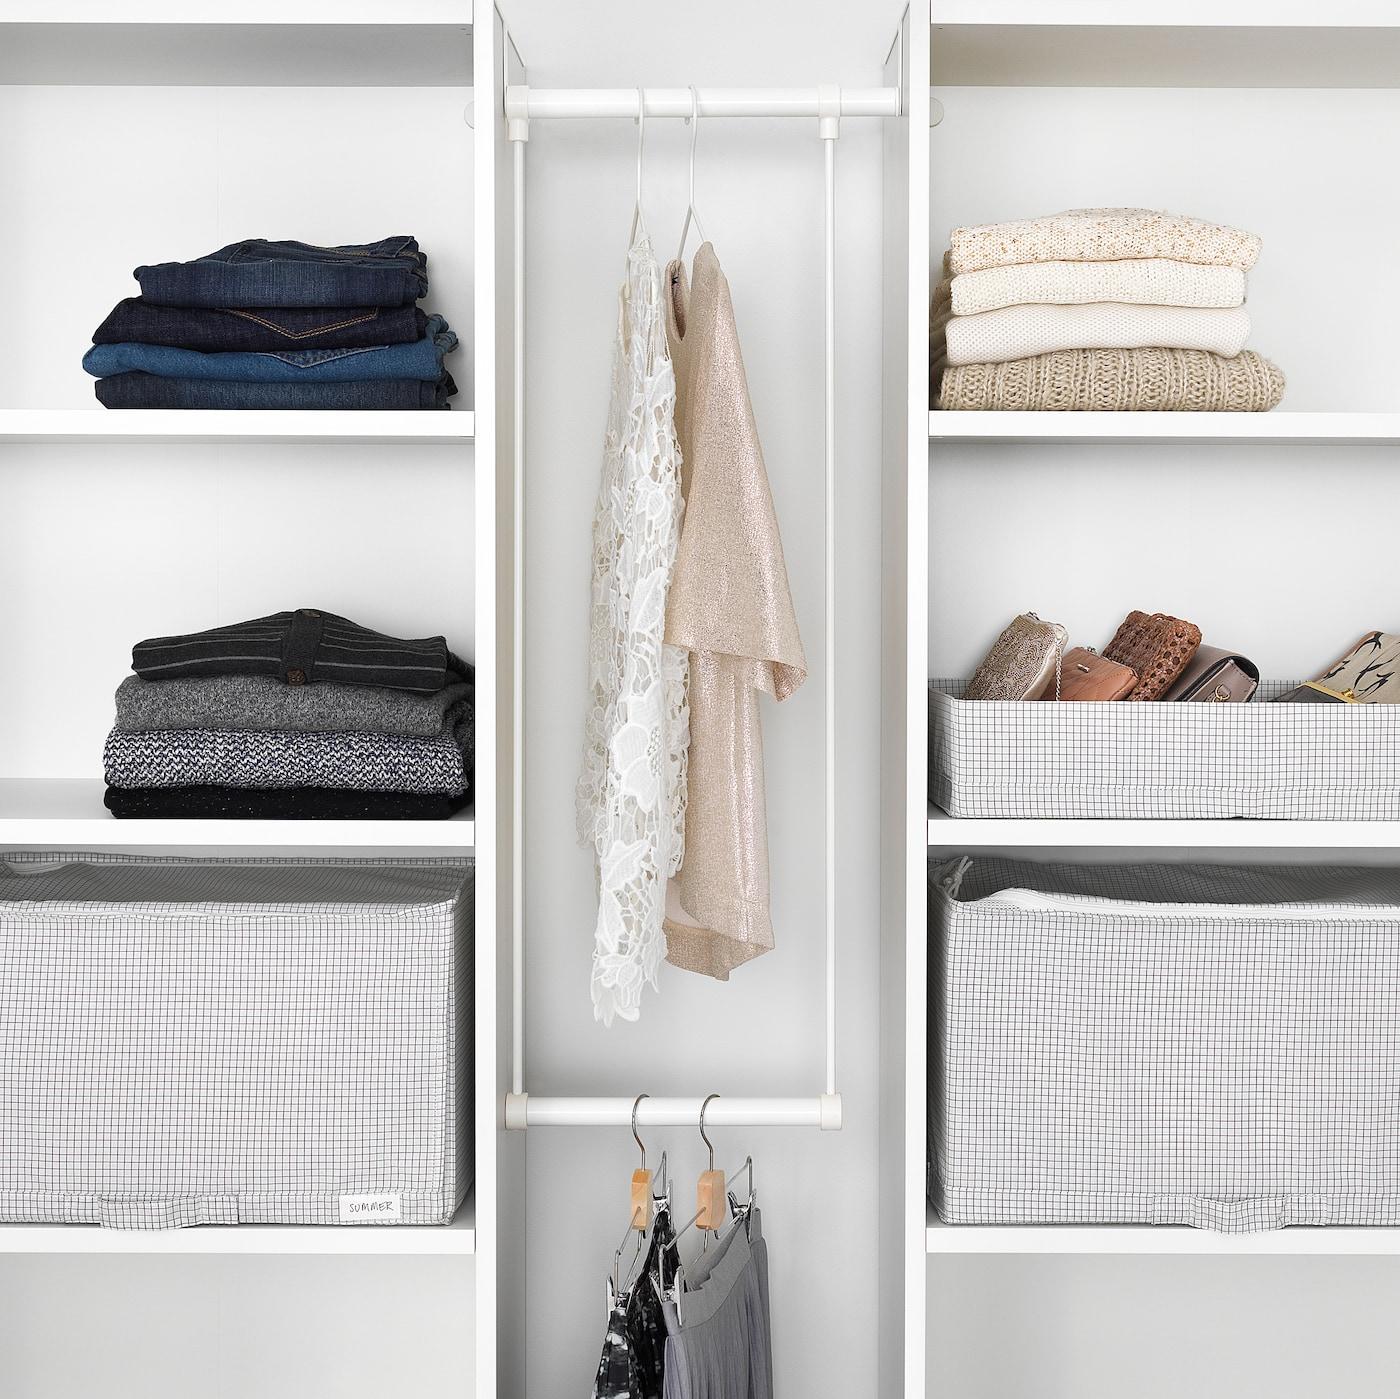 LÄTTHET Kleiderstange für Korpus, weiß, 20 20x20 cm   IKEA Deutschland